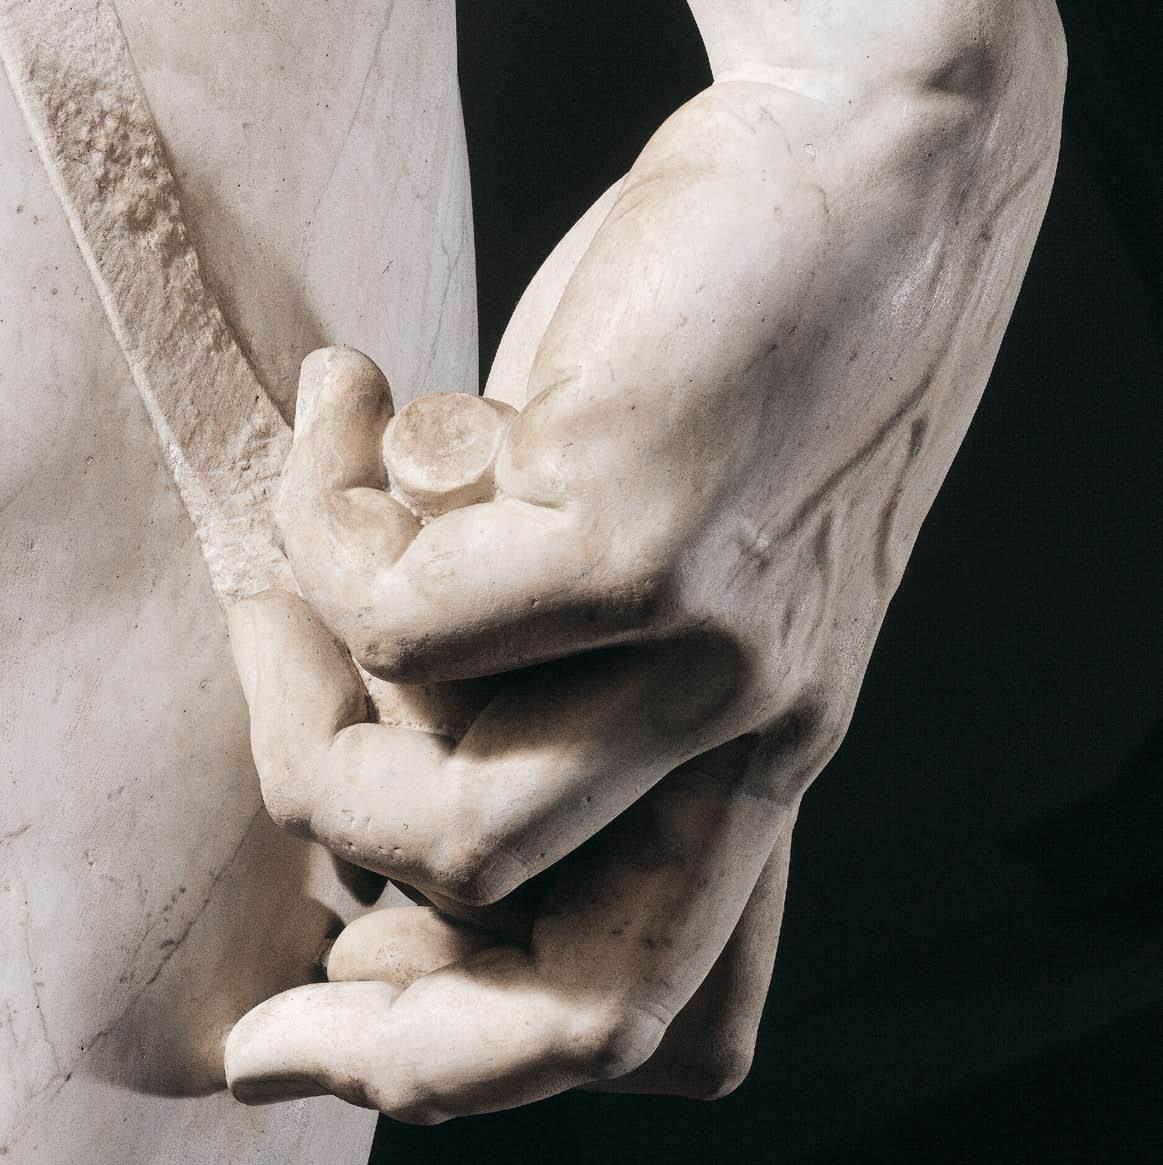 davids hands